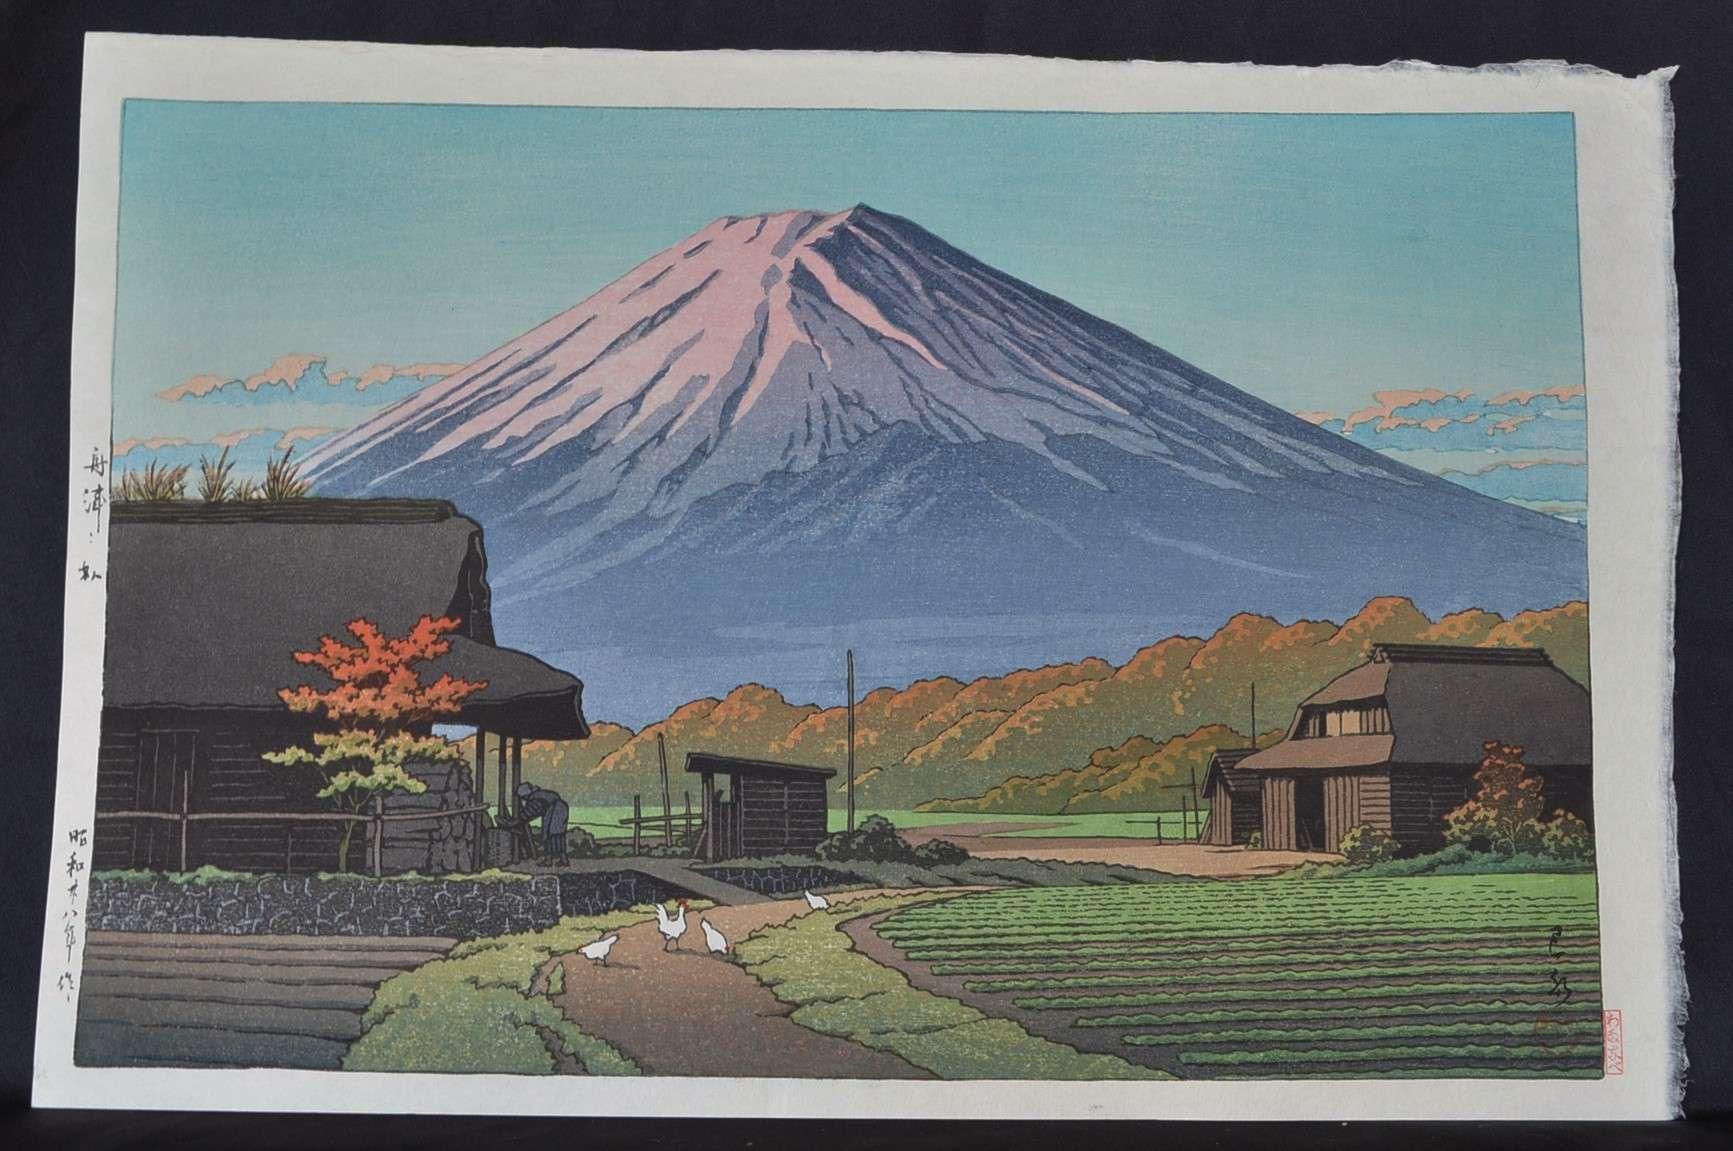 KAWASE HASUI: #P1813 AUTUMN AT FUNATSU, NEAR LAKE KAWAGUCHI